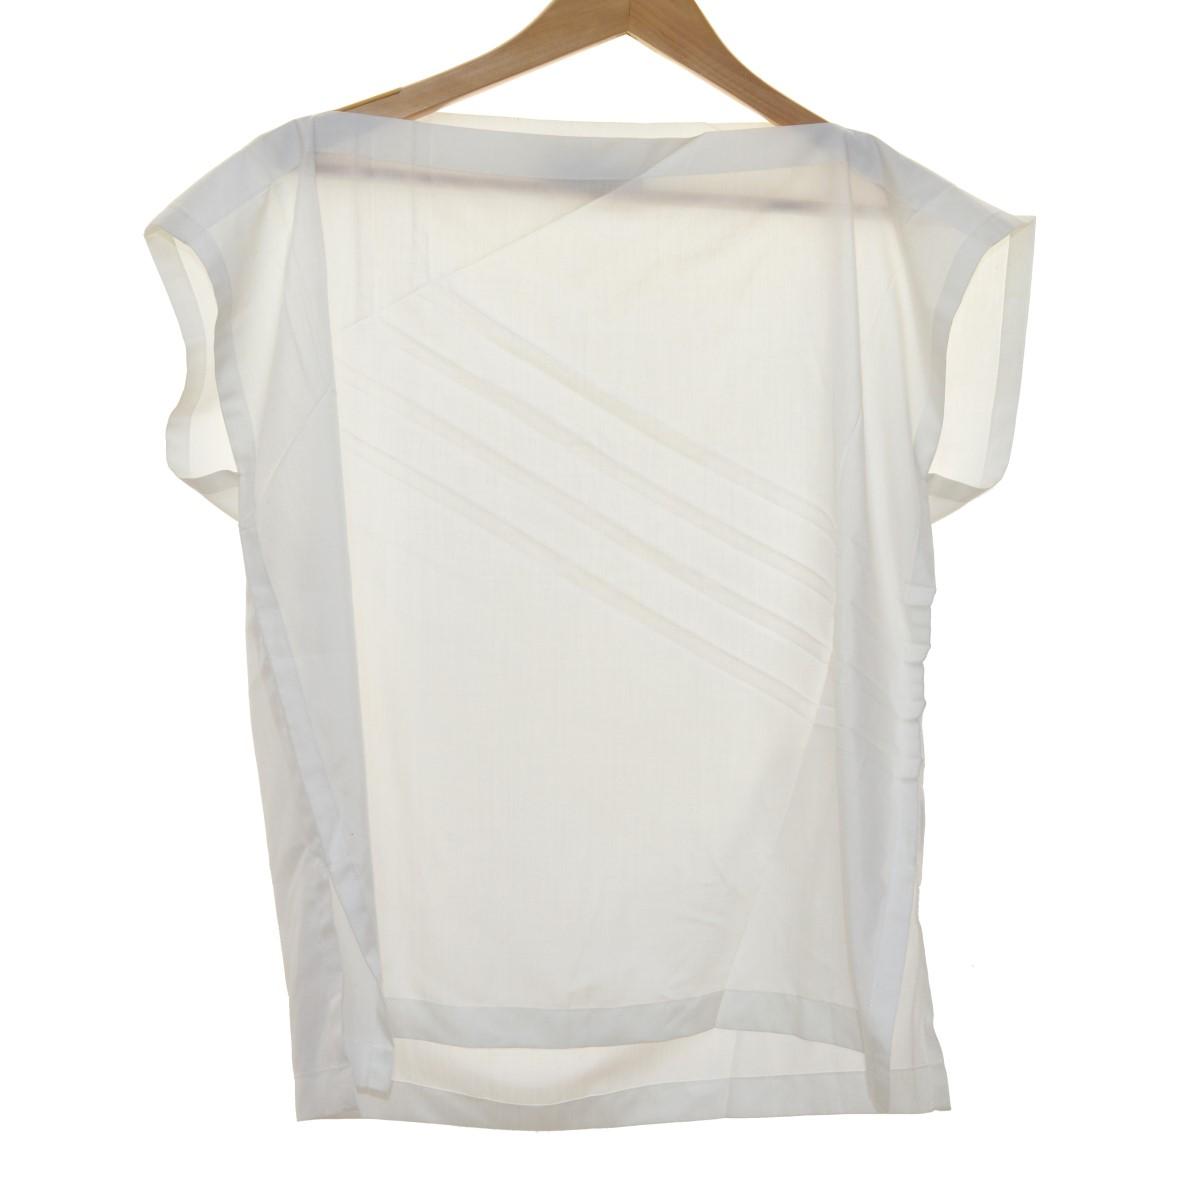 【中古】ISSEY MIYAKE サイドスリットプリーツ半袖シャツ ホワイト サイズ:2 【040420】(イッセイミヤケ)